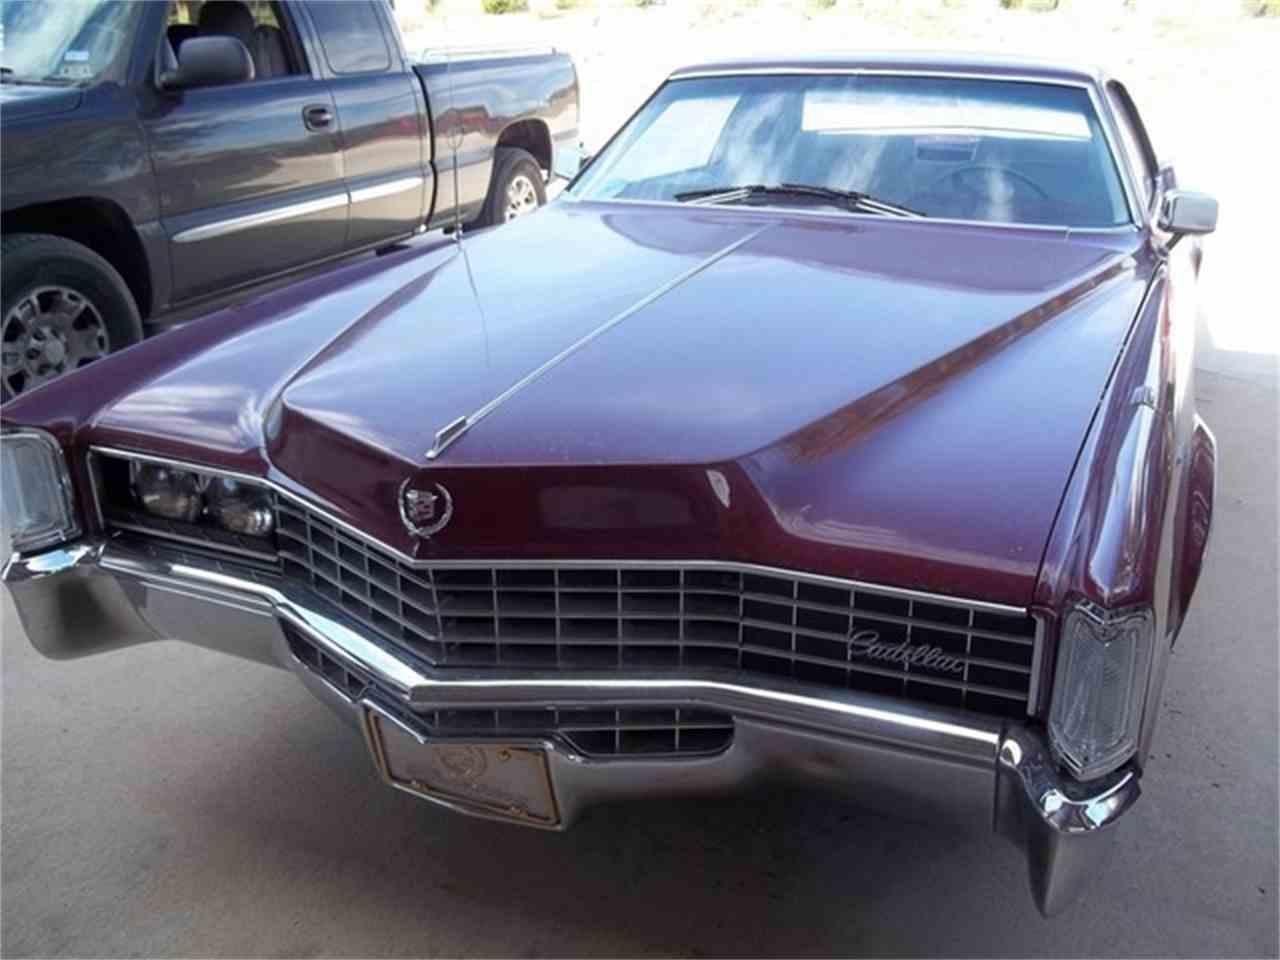 1968 Cadillac Eldorado For Sale Classiccars Com Cc 691102